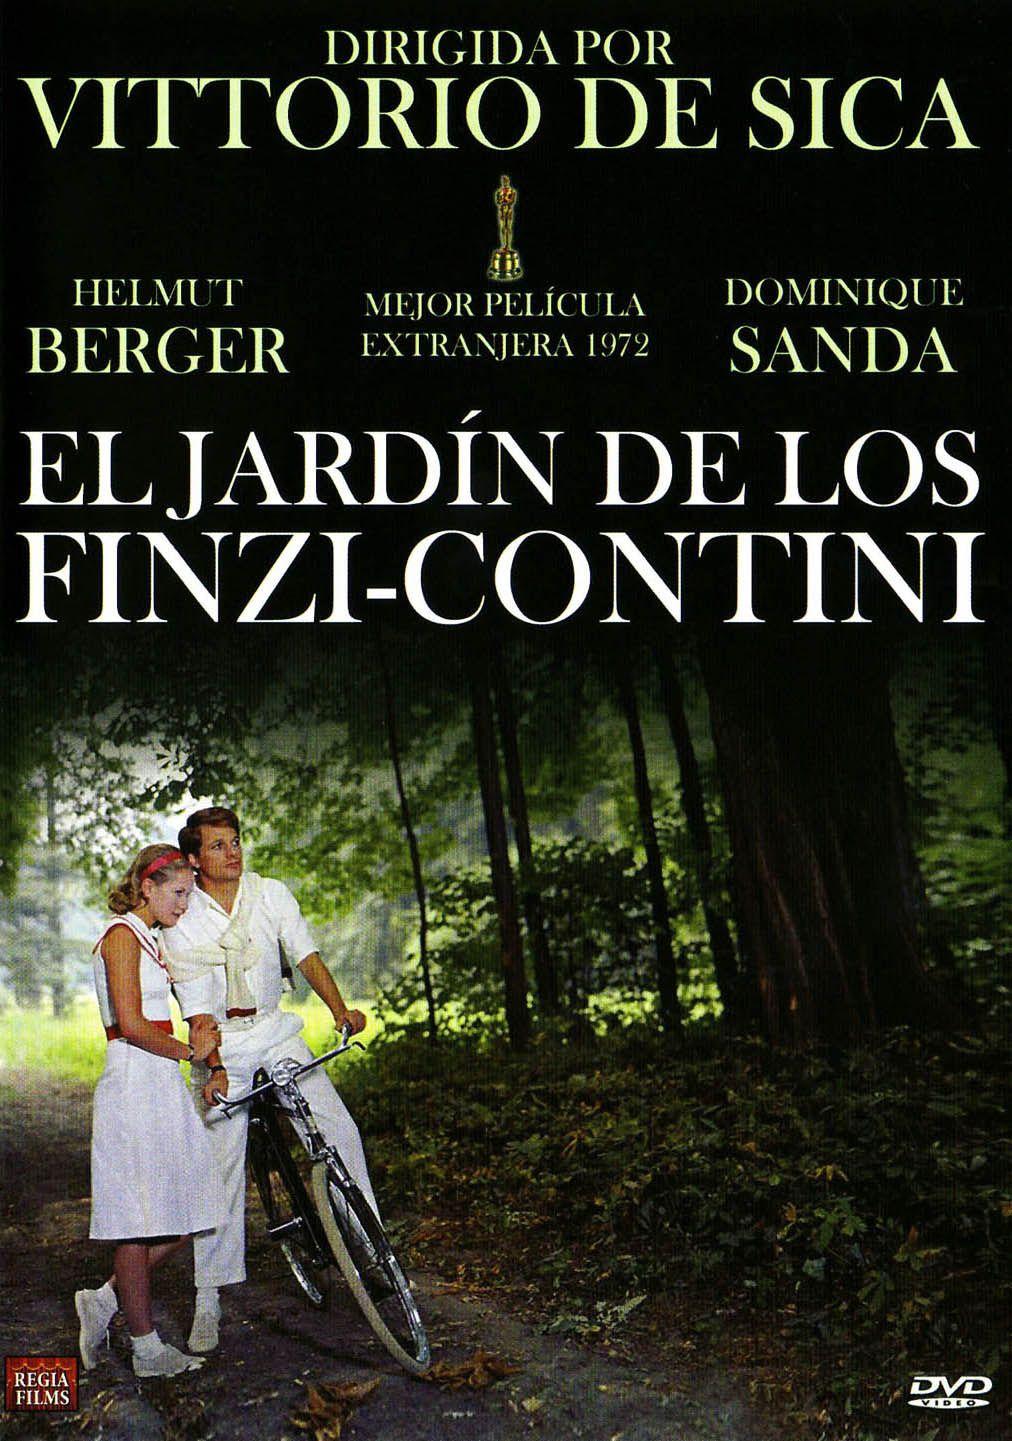 Finales de los a os treinta italia los finzi contini son una de las familias m s influyentes - El jardin de los finzi contini ...